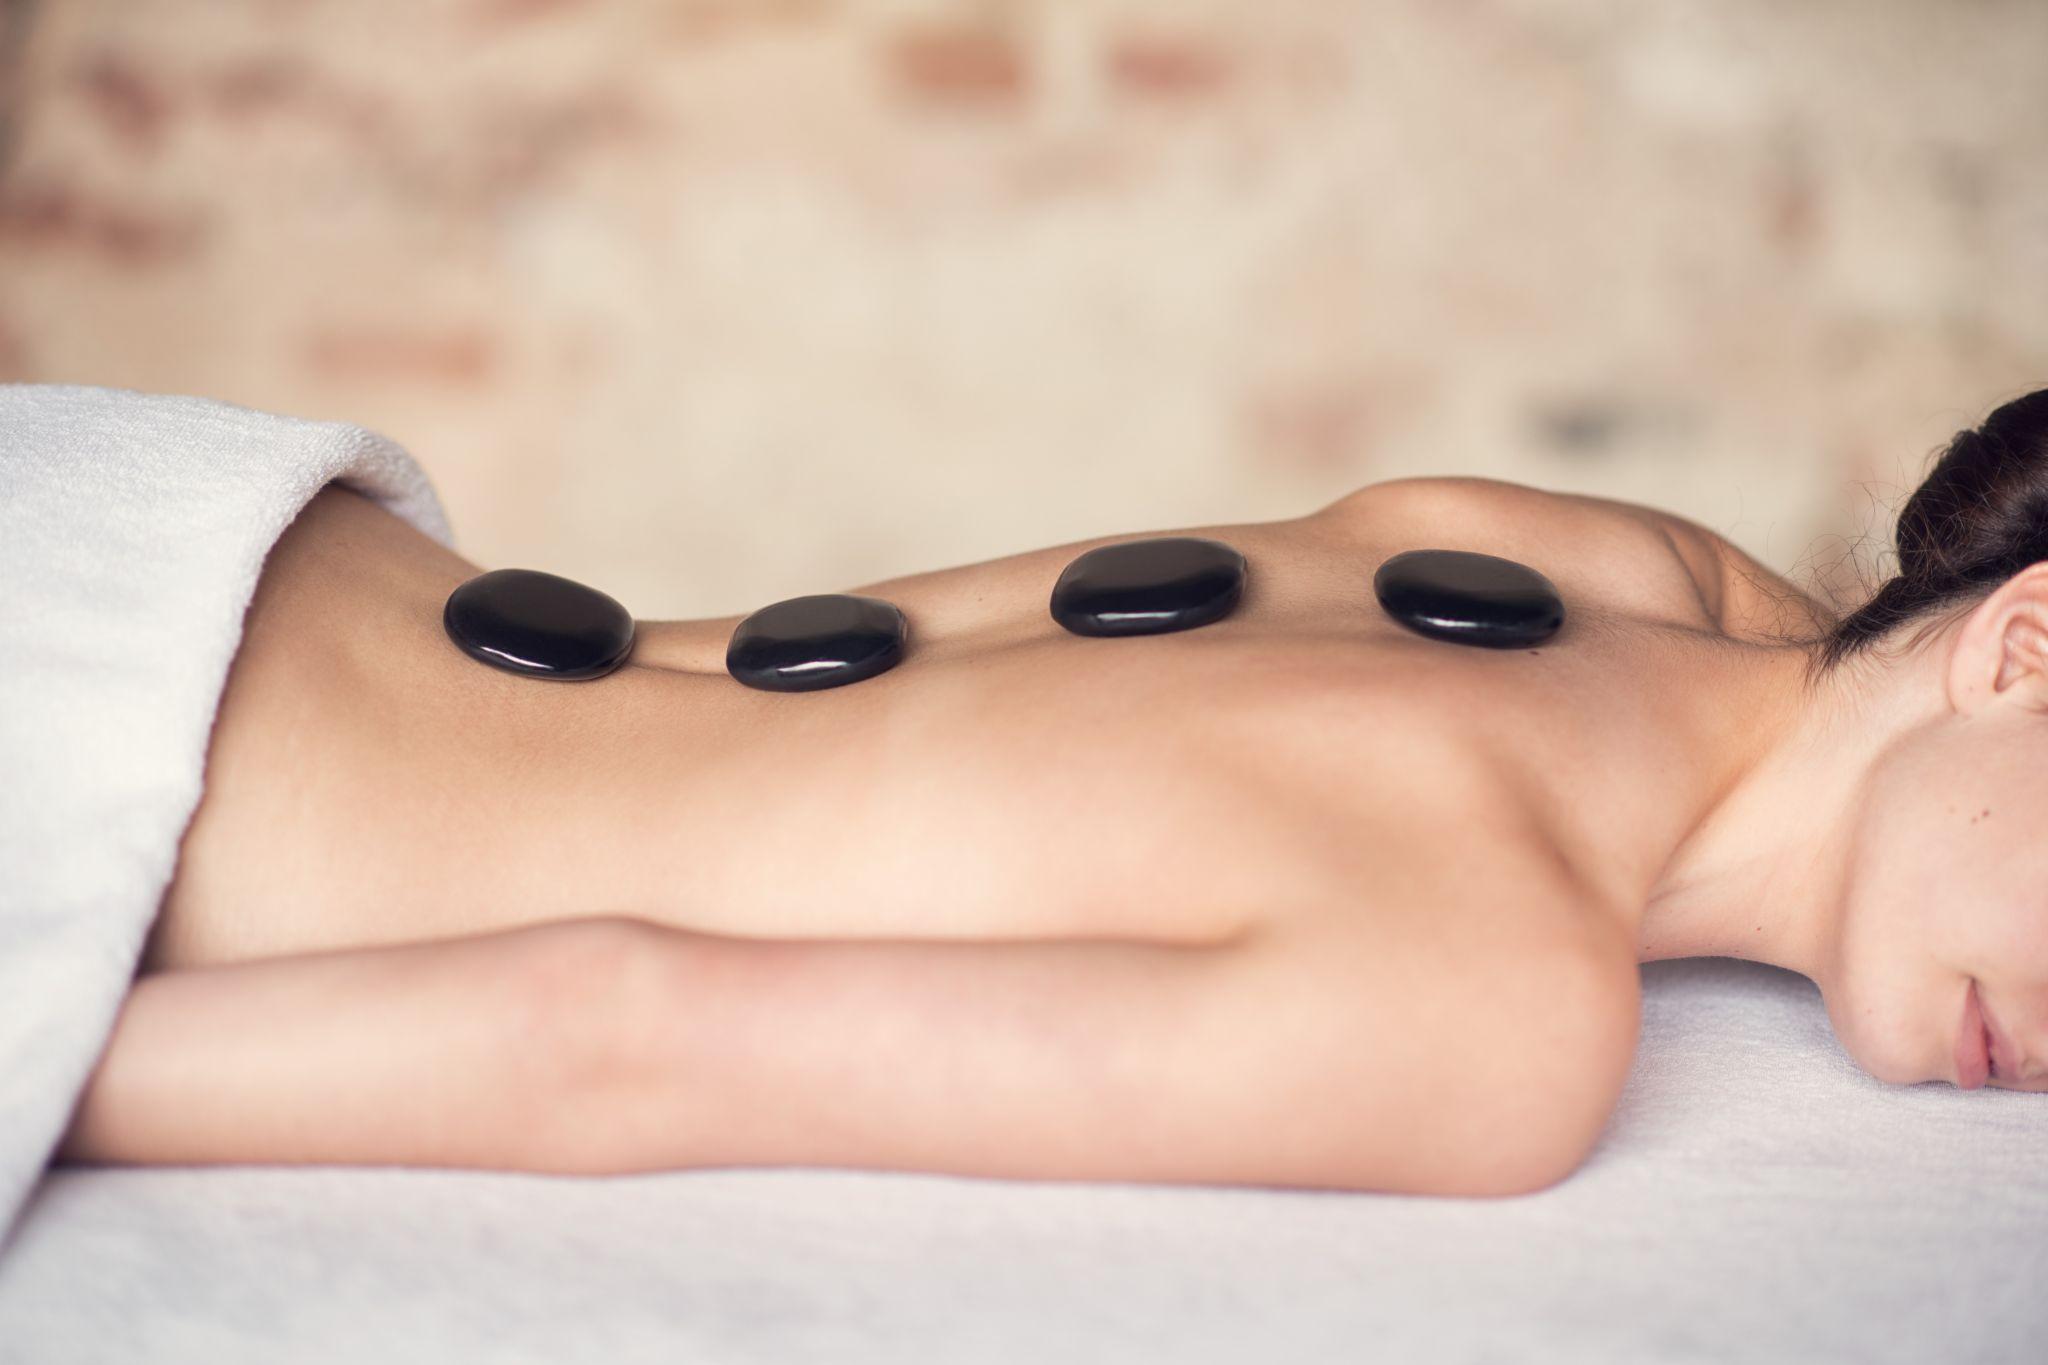 russische massage parship test